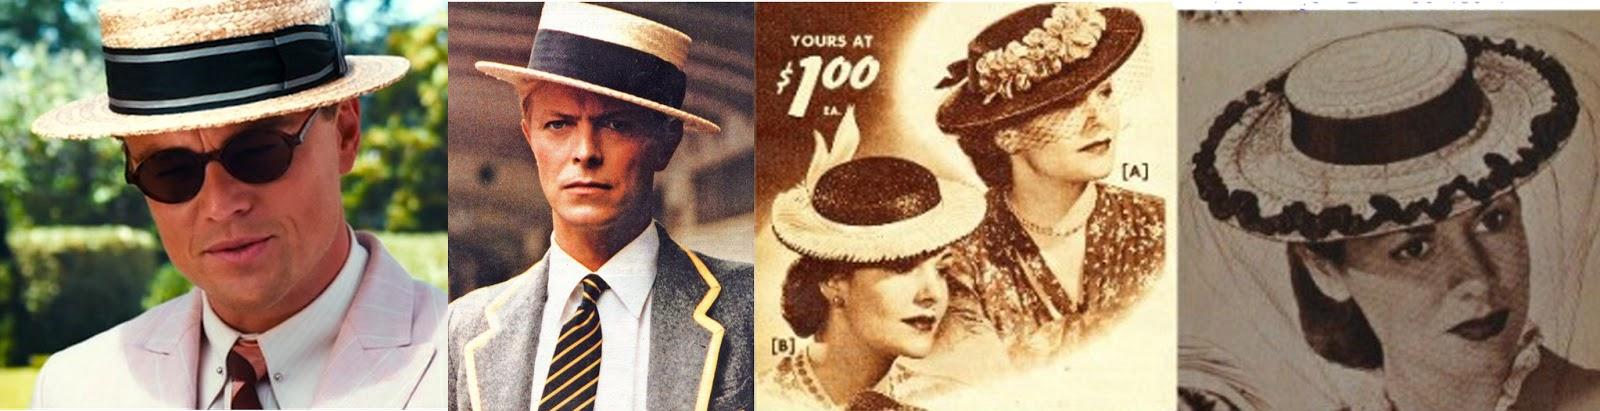 b9fbeaf18134b É uma versão feminina do chapéu masculino conhecido como Boater. O boater  era um modelo